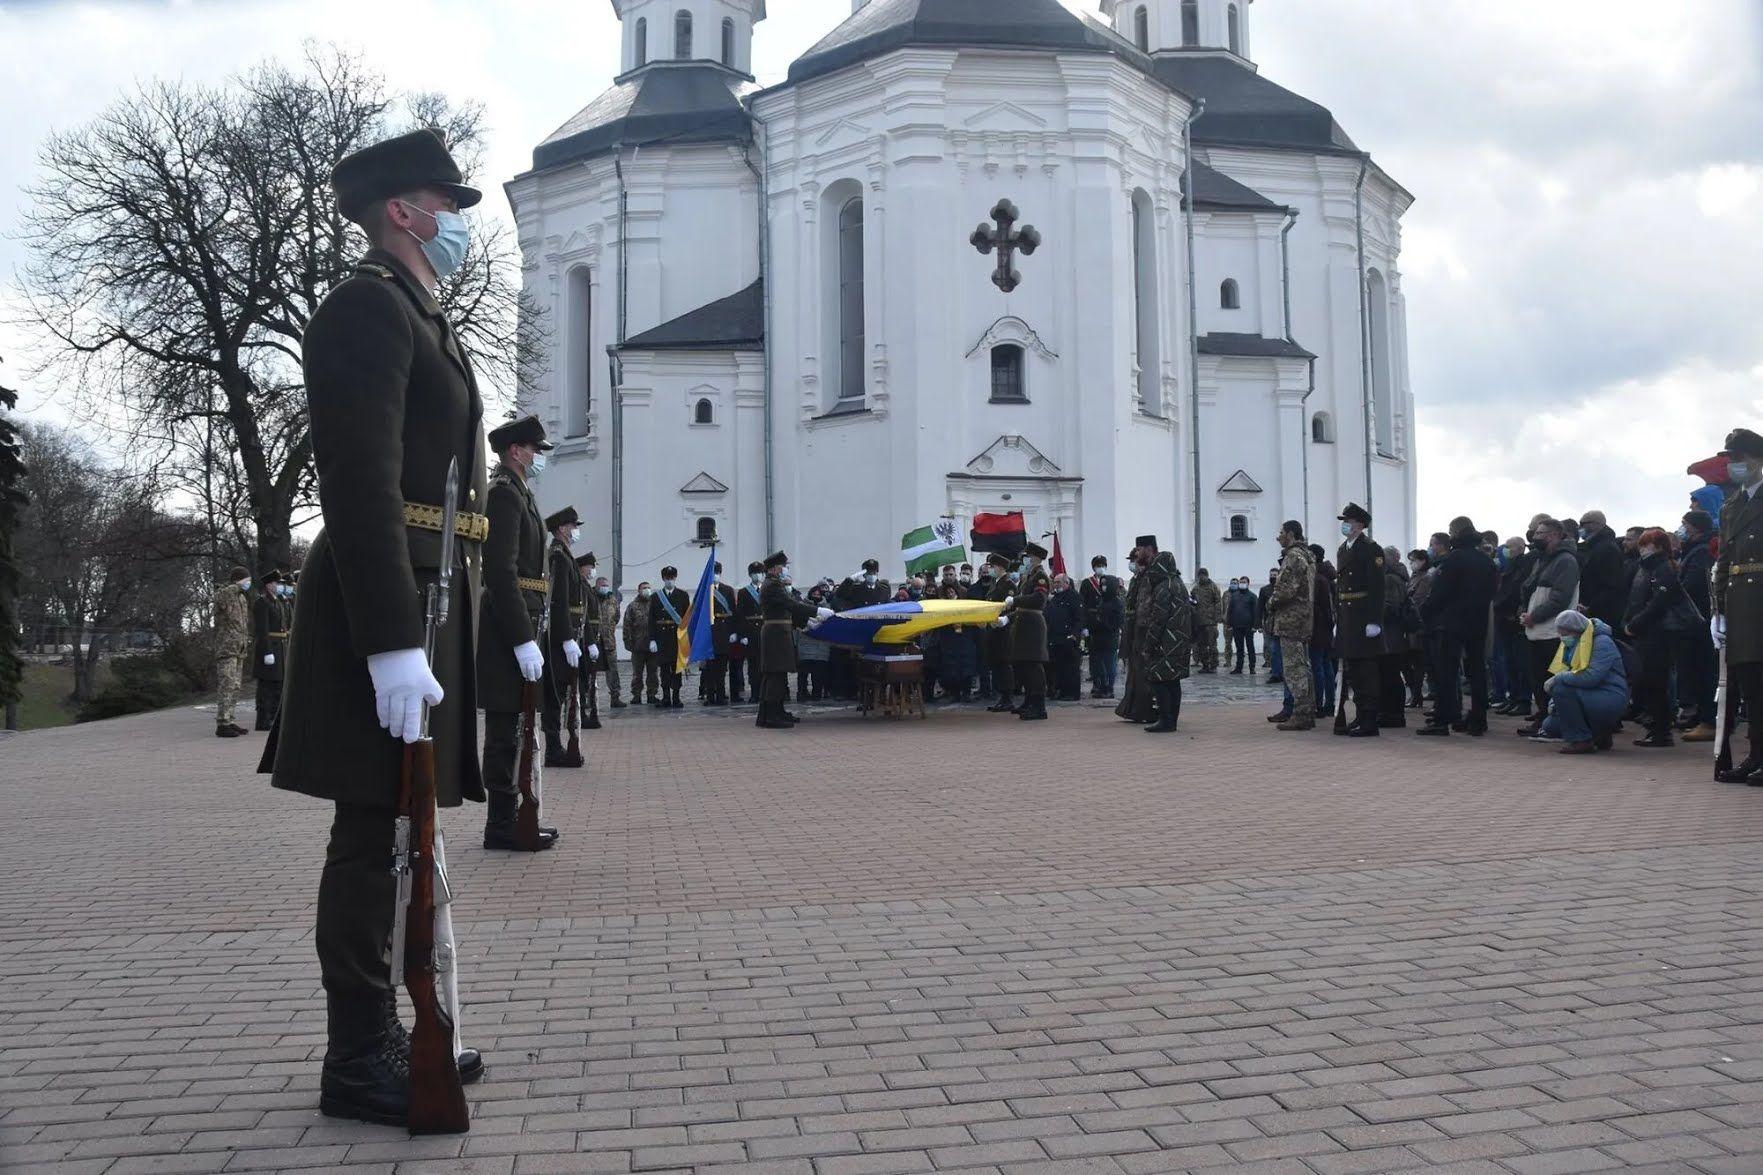 Прощание со Шпаком прошло у кафедрального собора Святой Великомученицы Екатерины